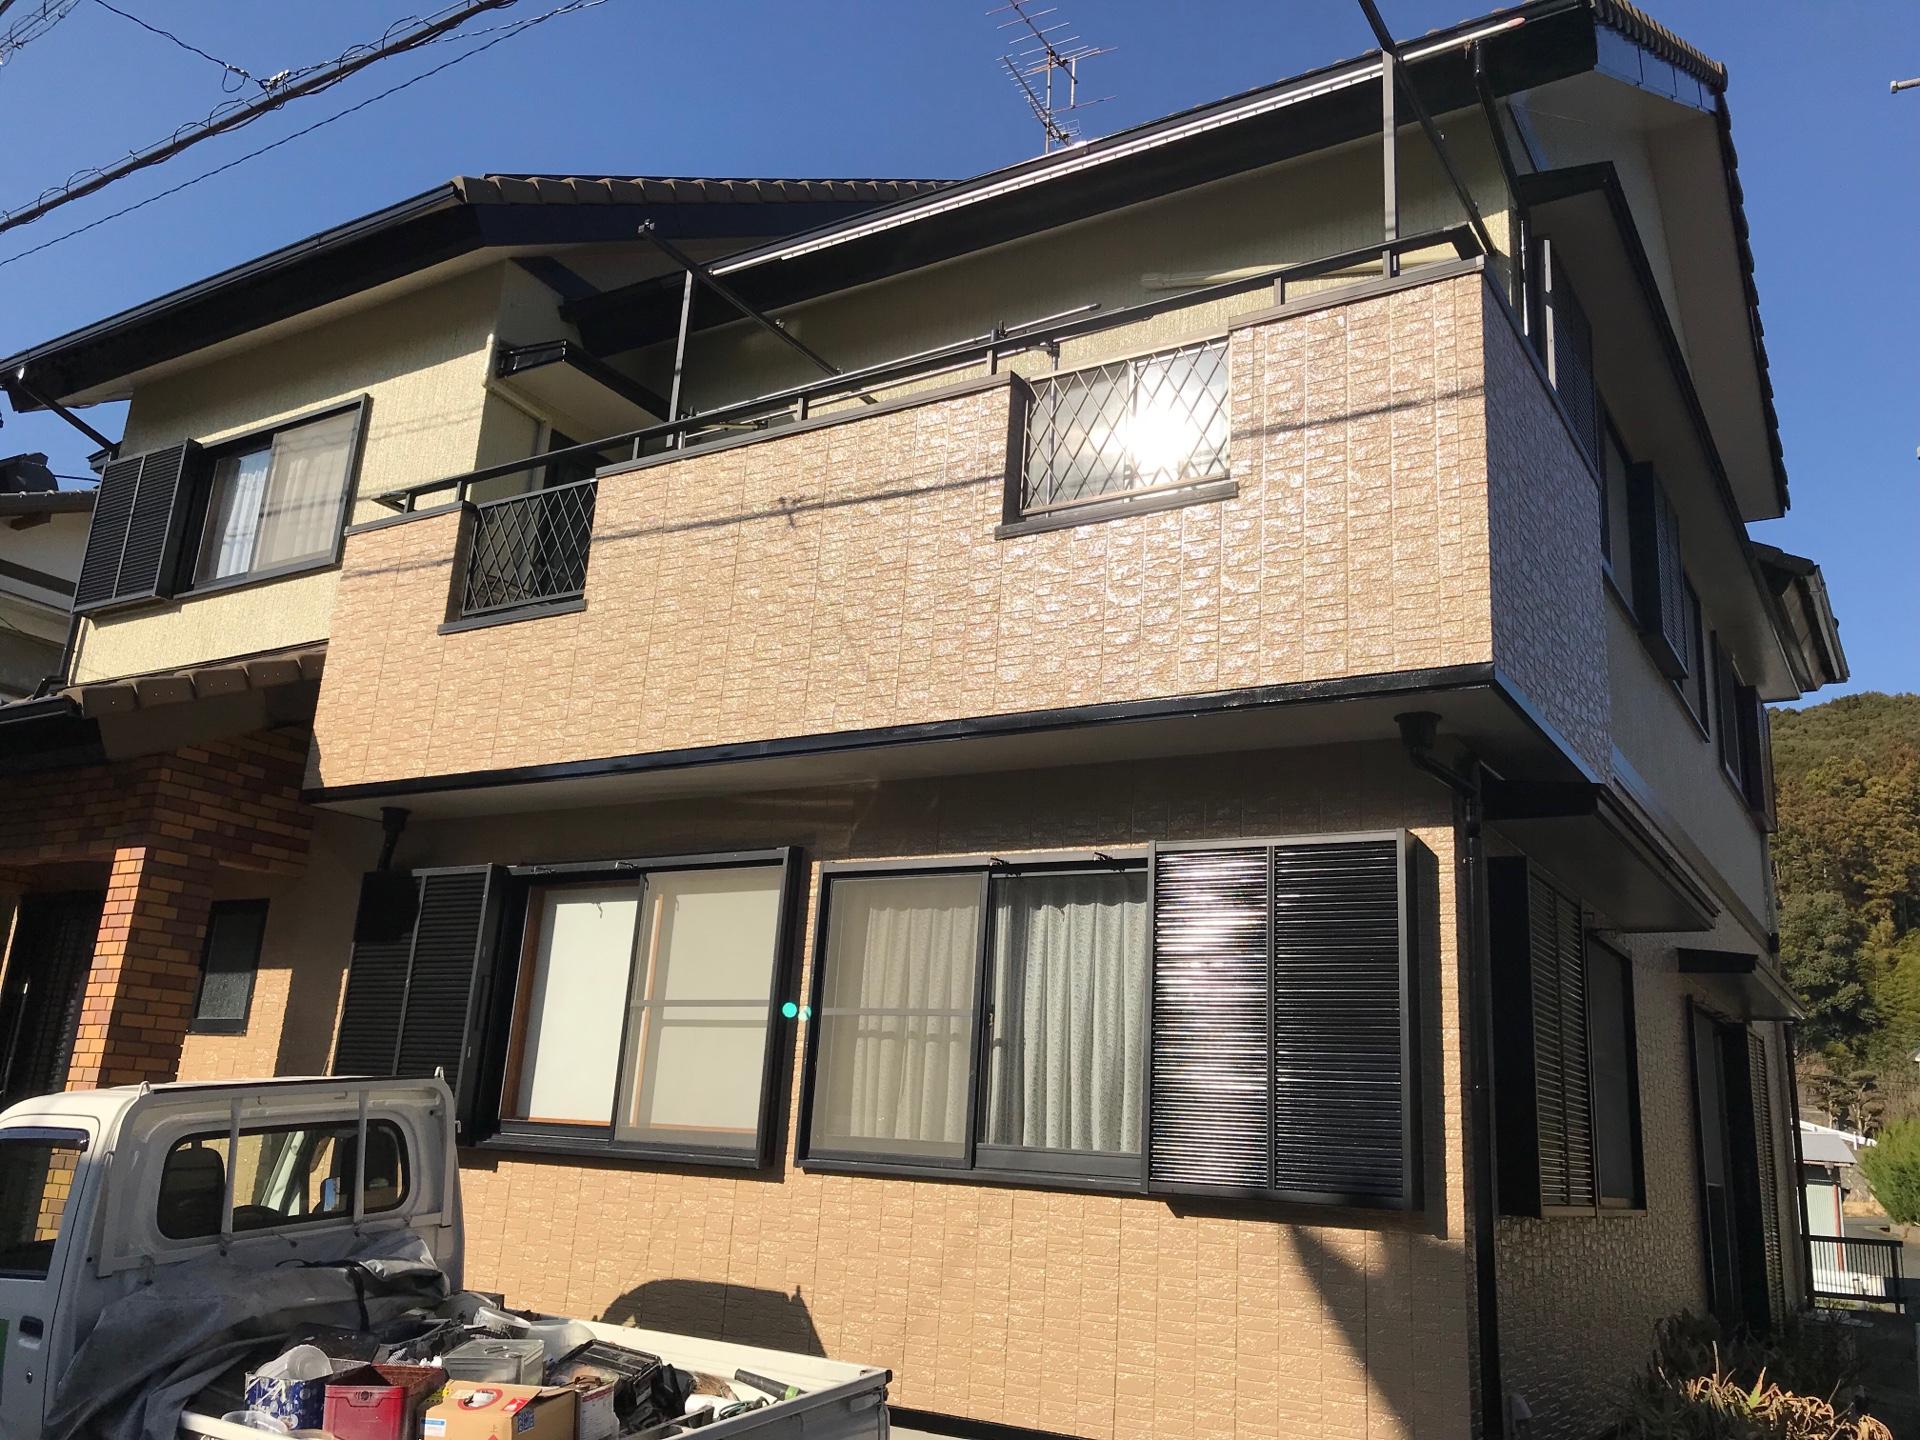 浜松市浜北区の住宅外壁塗装工事で30年耐久塗料を使用しました